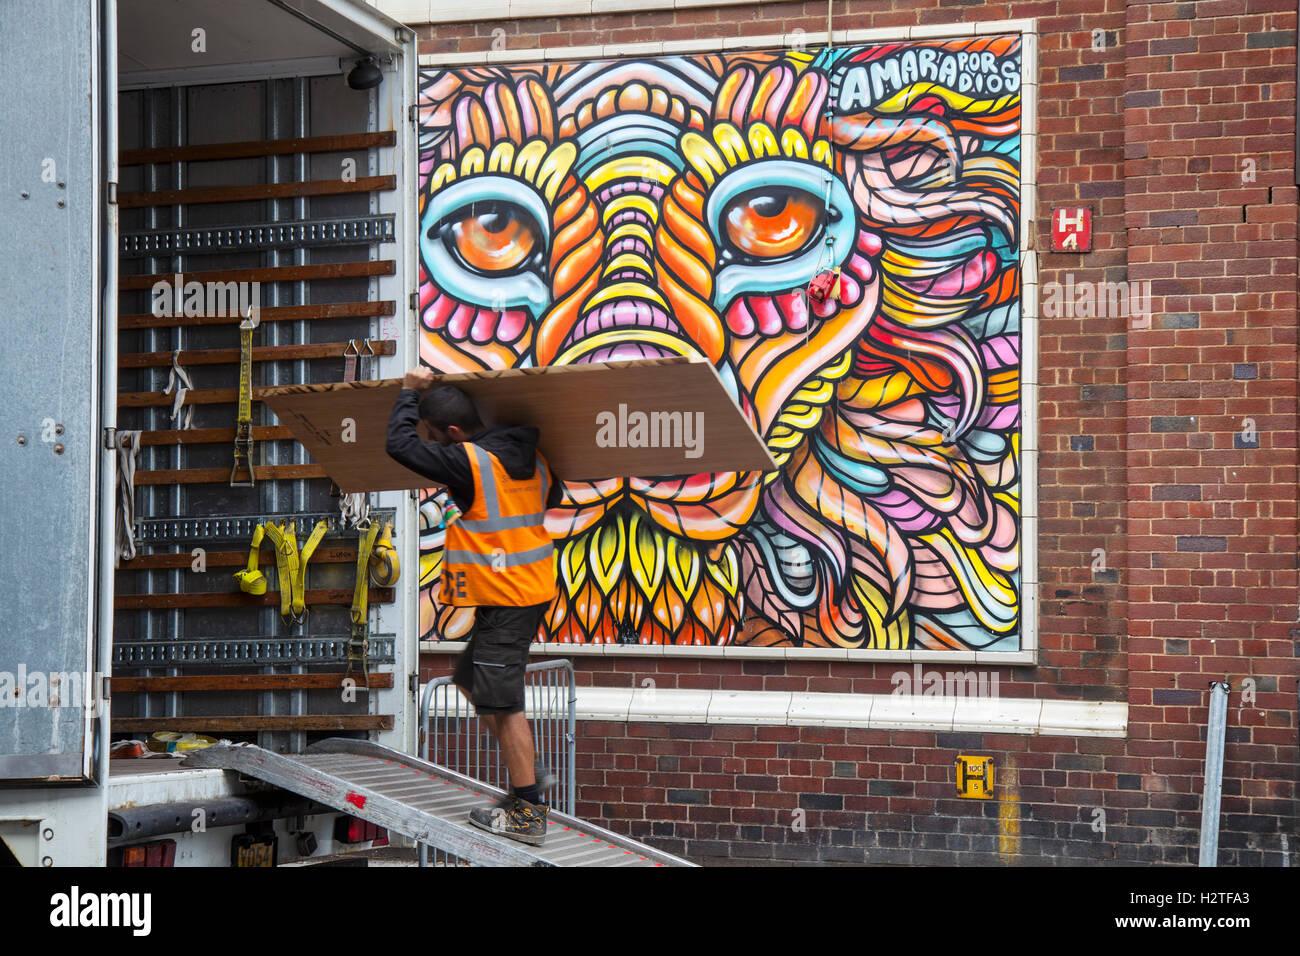 Fußgänger Vorbei Streetart, Graffiti Wandbild, Dekoration, In Die Sonne,  Spray Und Kunst Festival Kunst Im Osten Topping Street, Blackpool,  Lancashire, ...